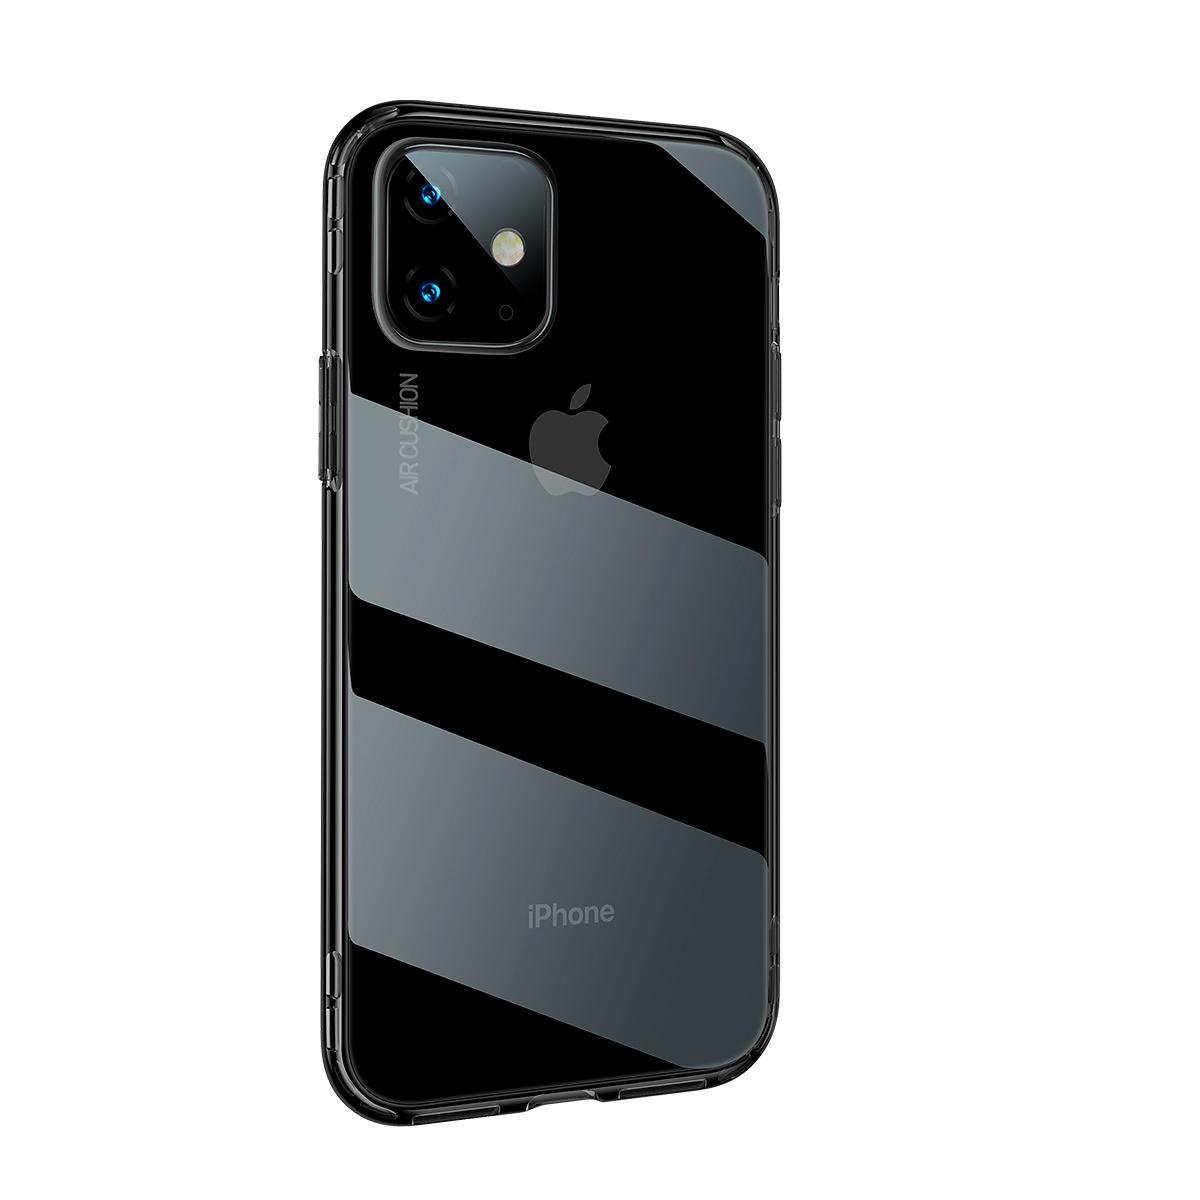 BASEUS stötsäkert TPU-skal, iPhone 11, svart/transparent